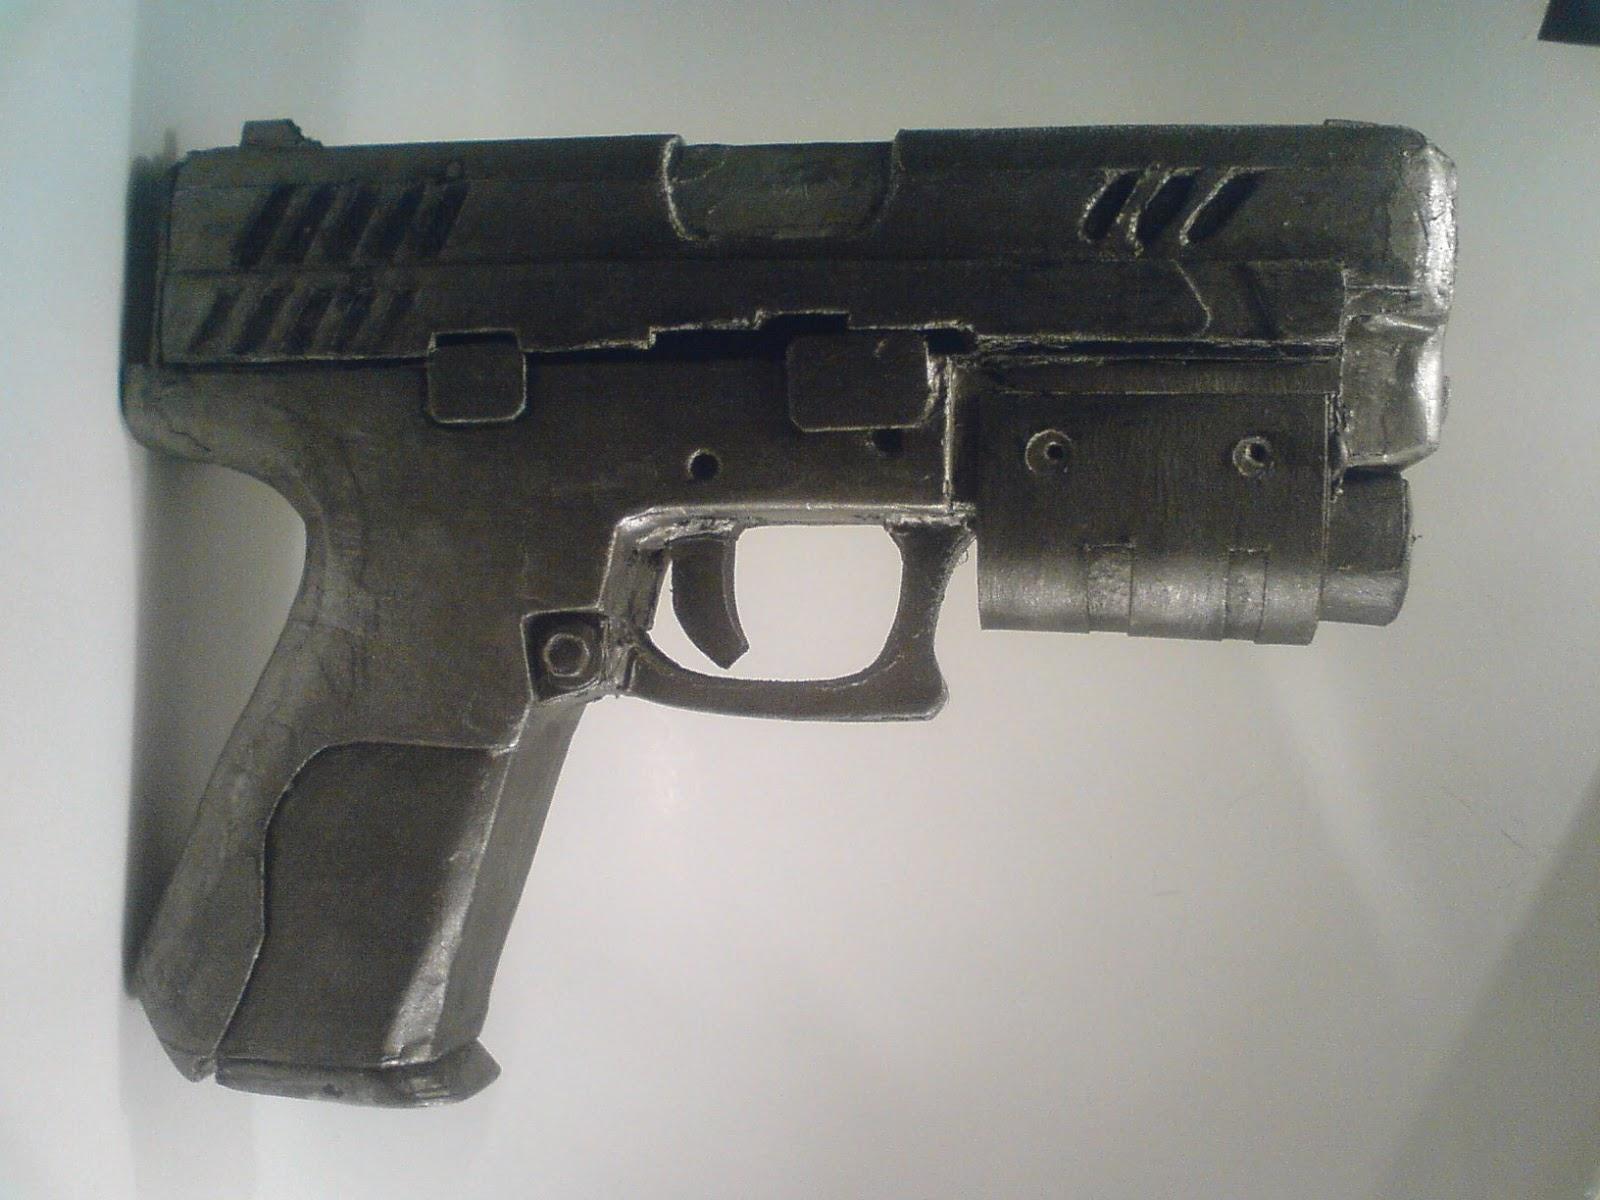 Pistola Blacktail - Resident Evil DSC04521